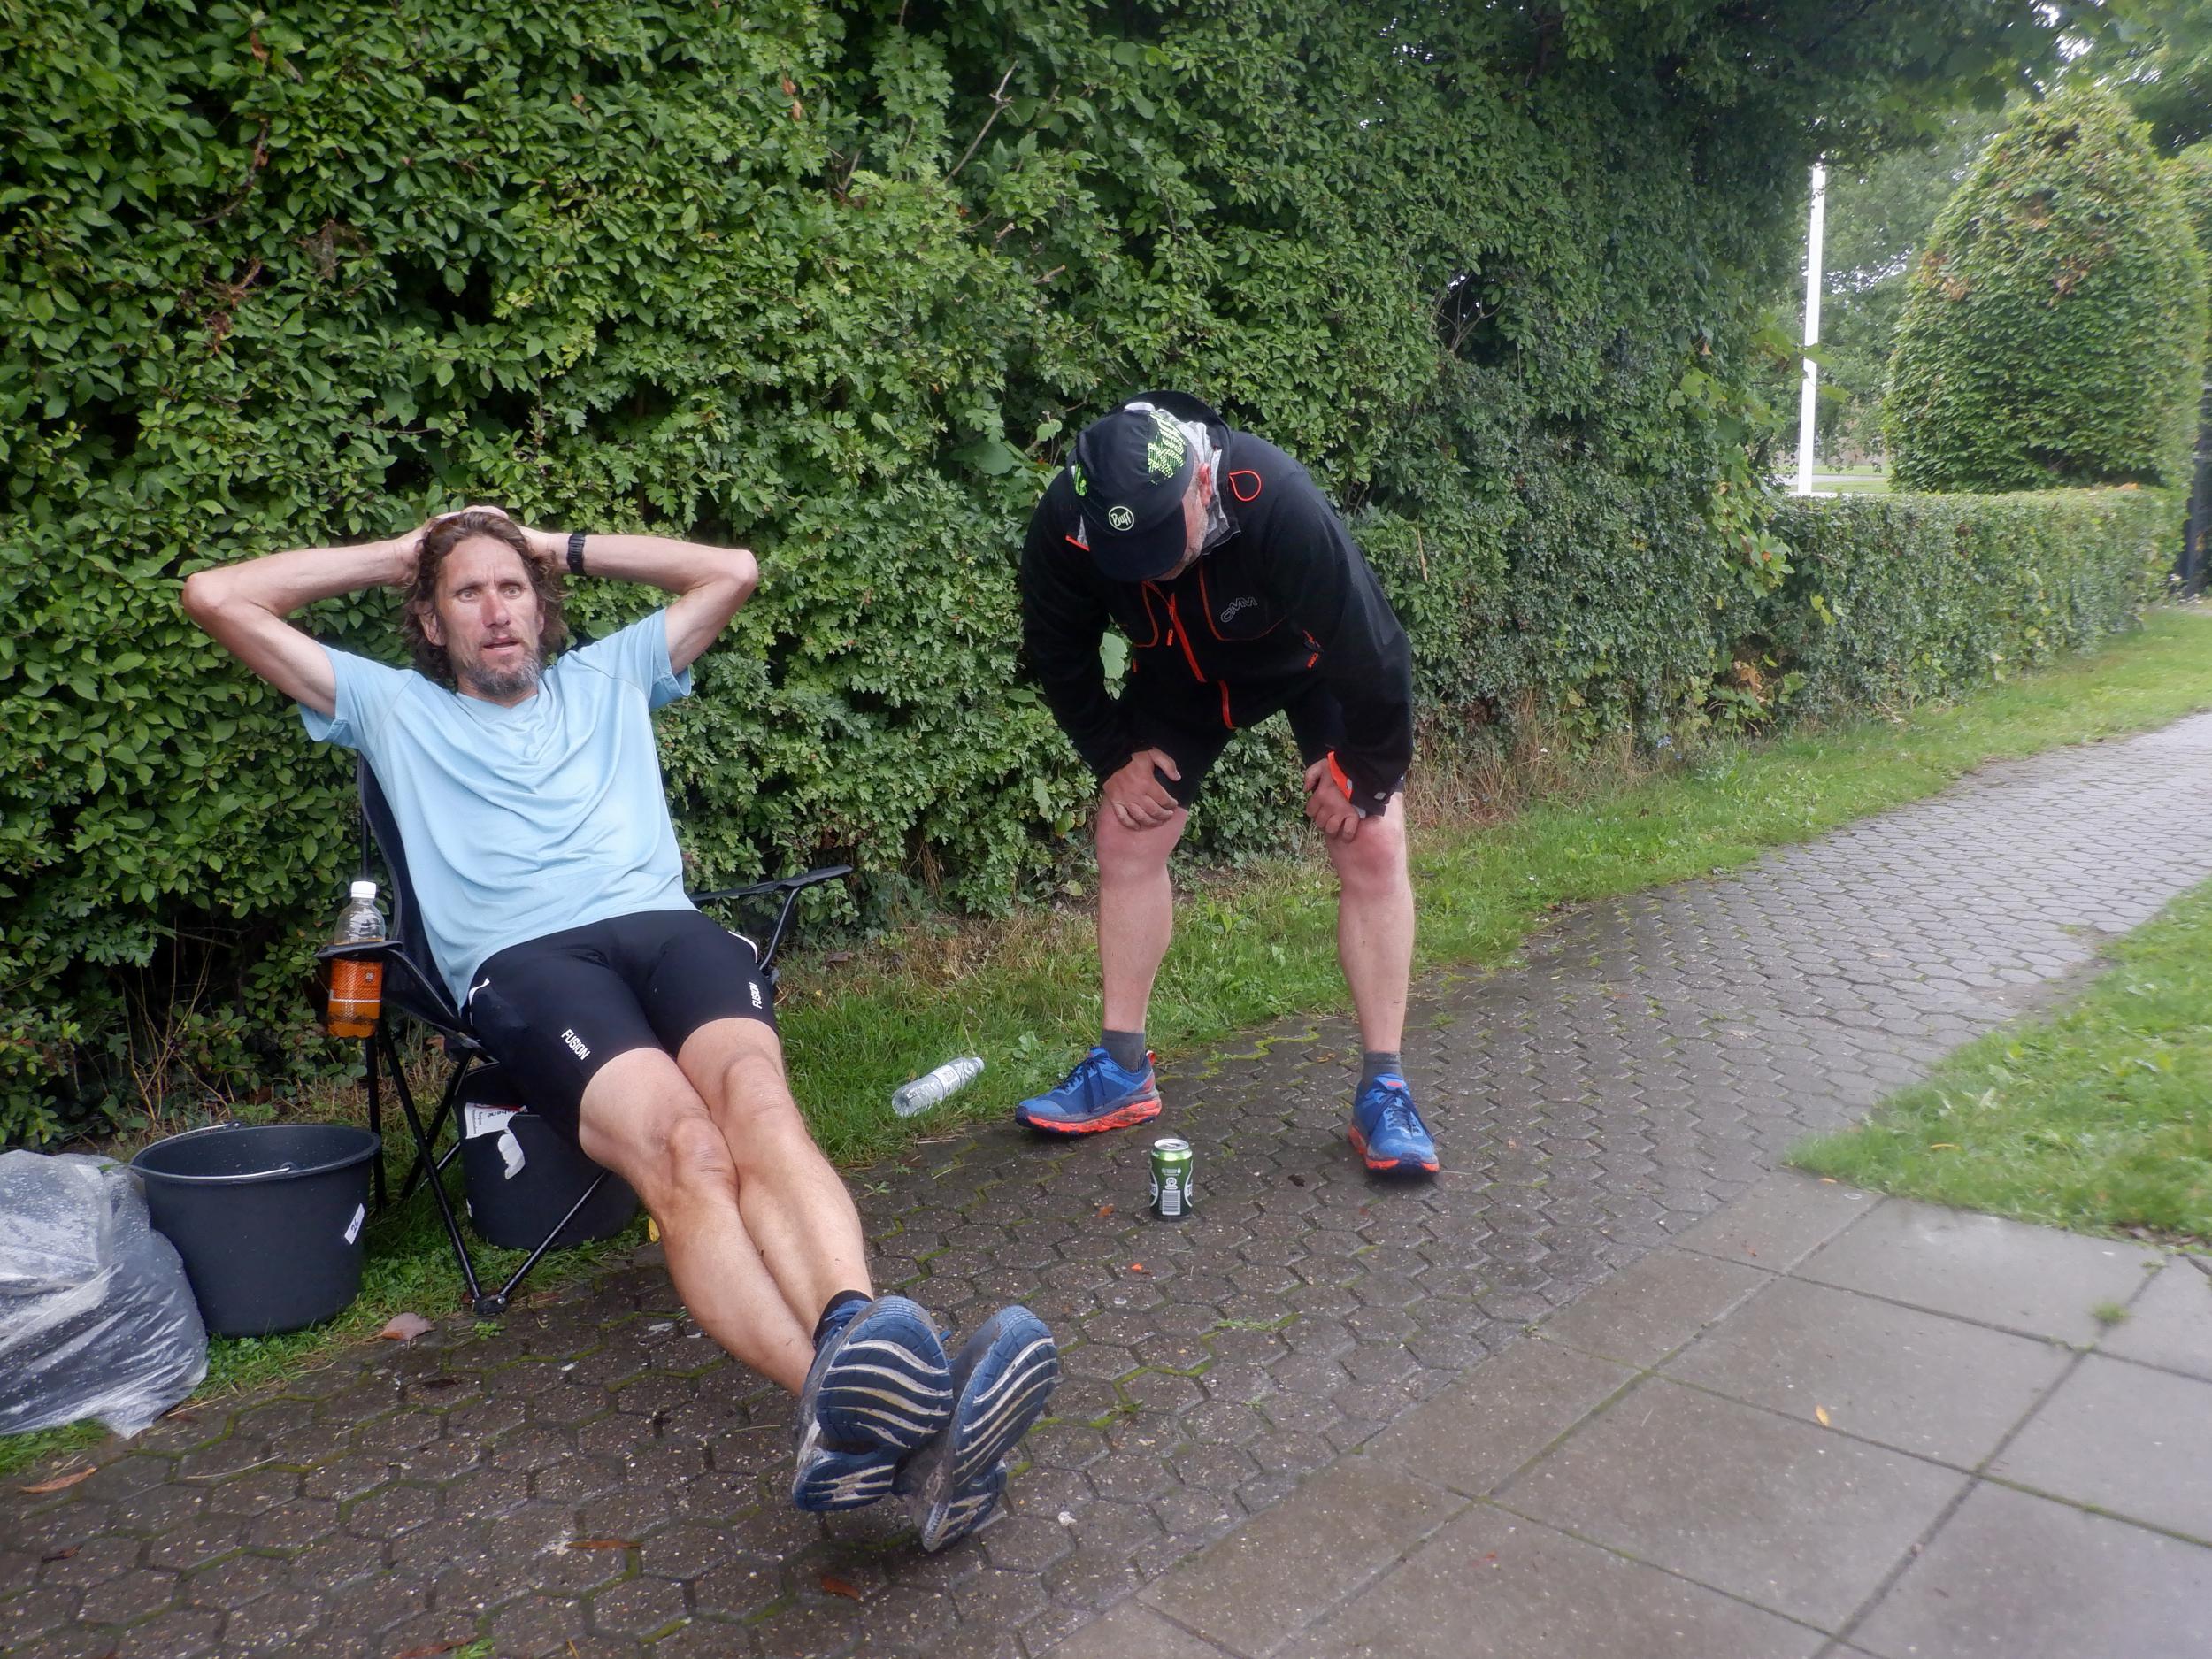 Løber hviler ud efter løb.